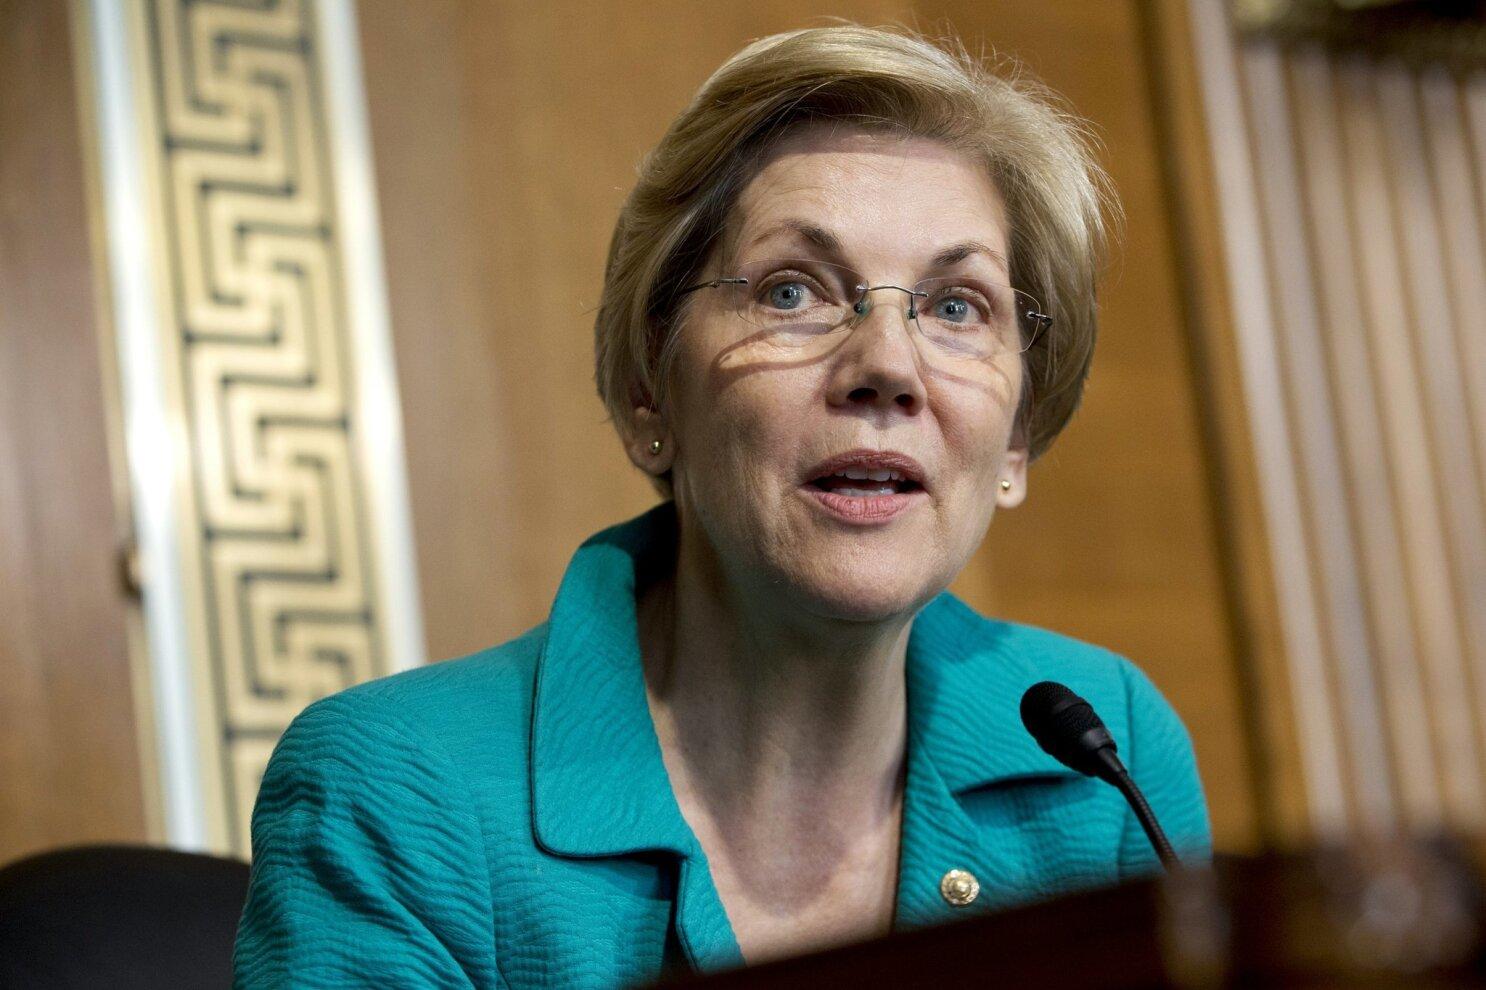 Readers React: Elizabeth Warren needs to explain her health care plans